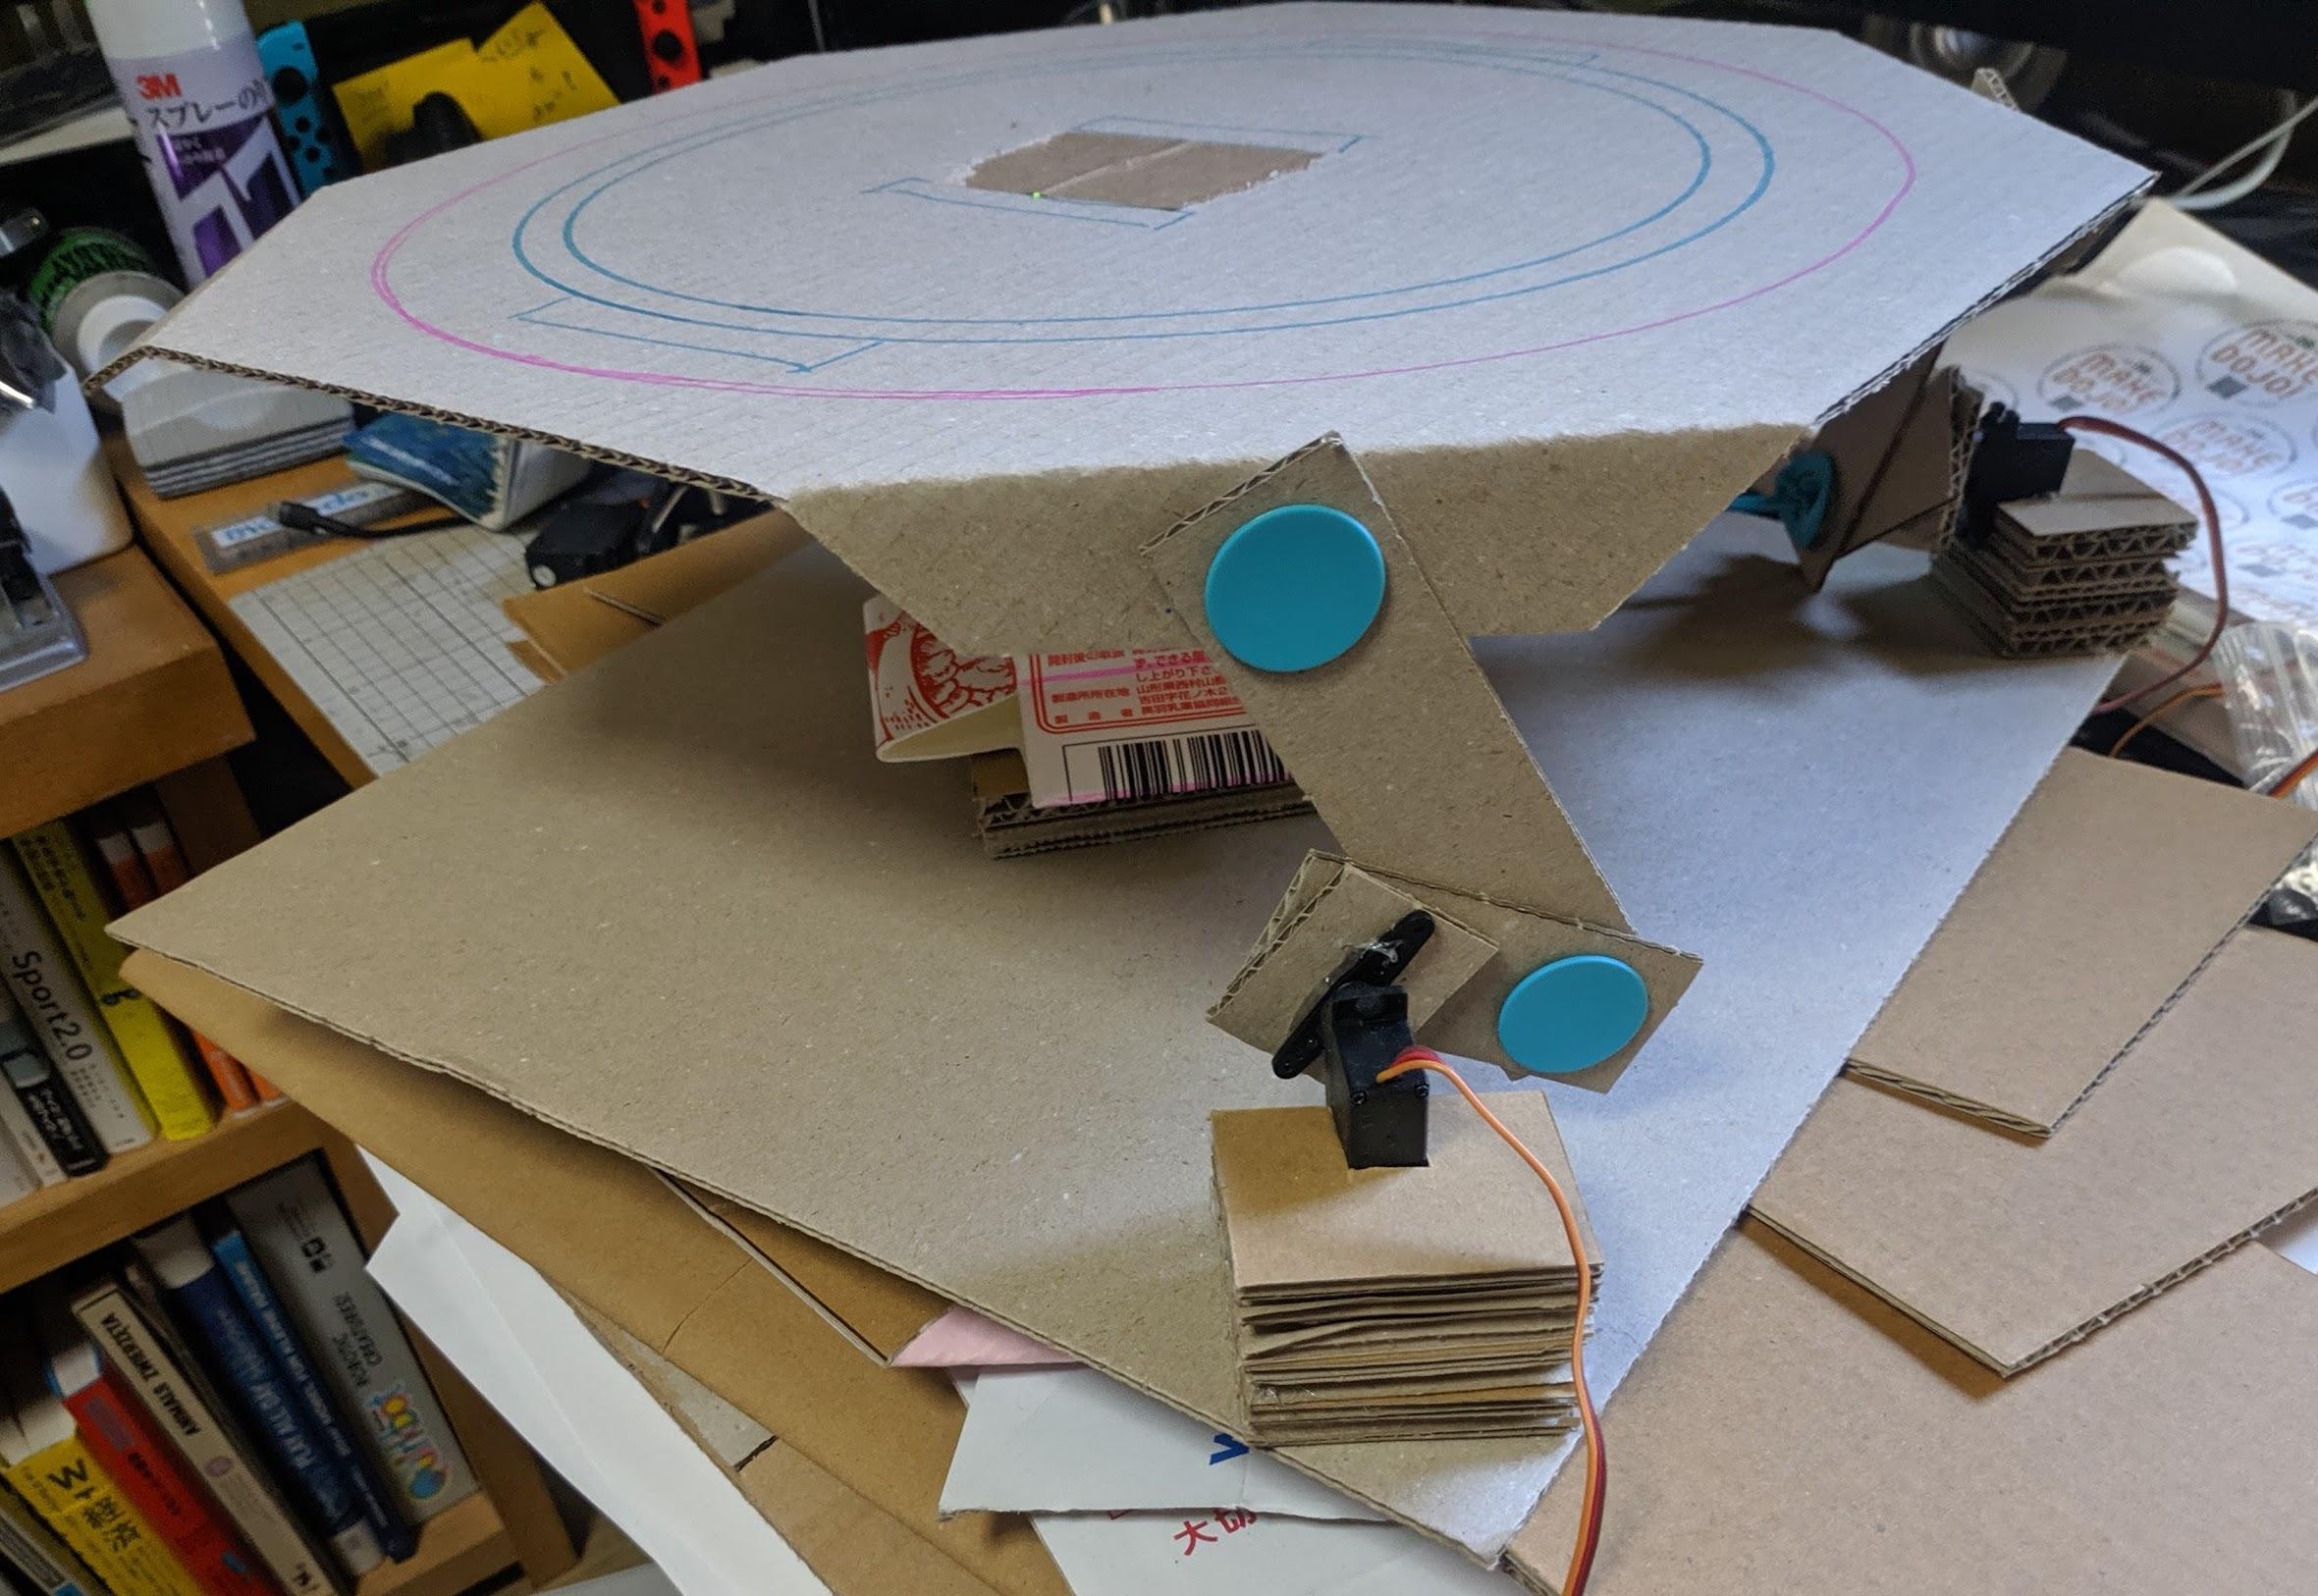 ロボット土俵のハードウェアスケッチ